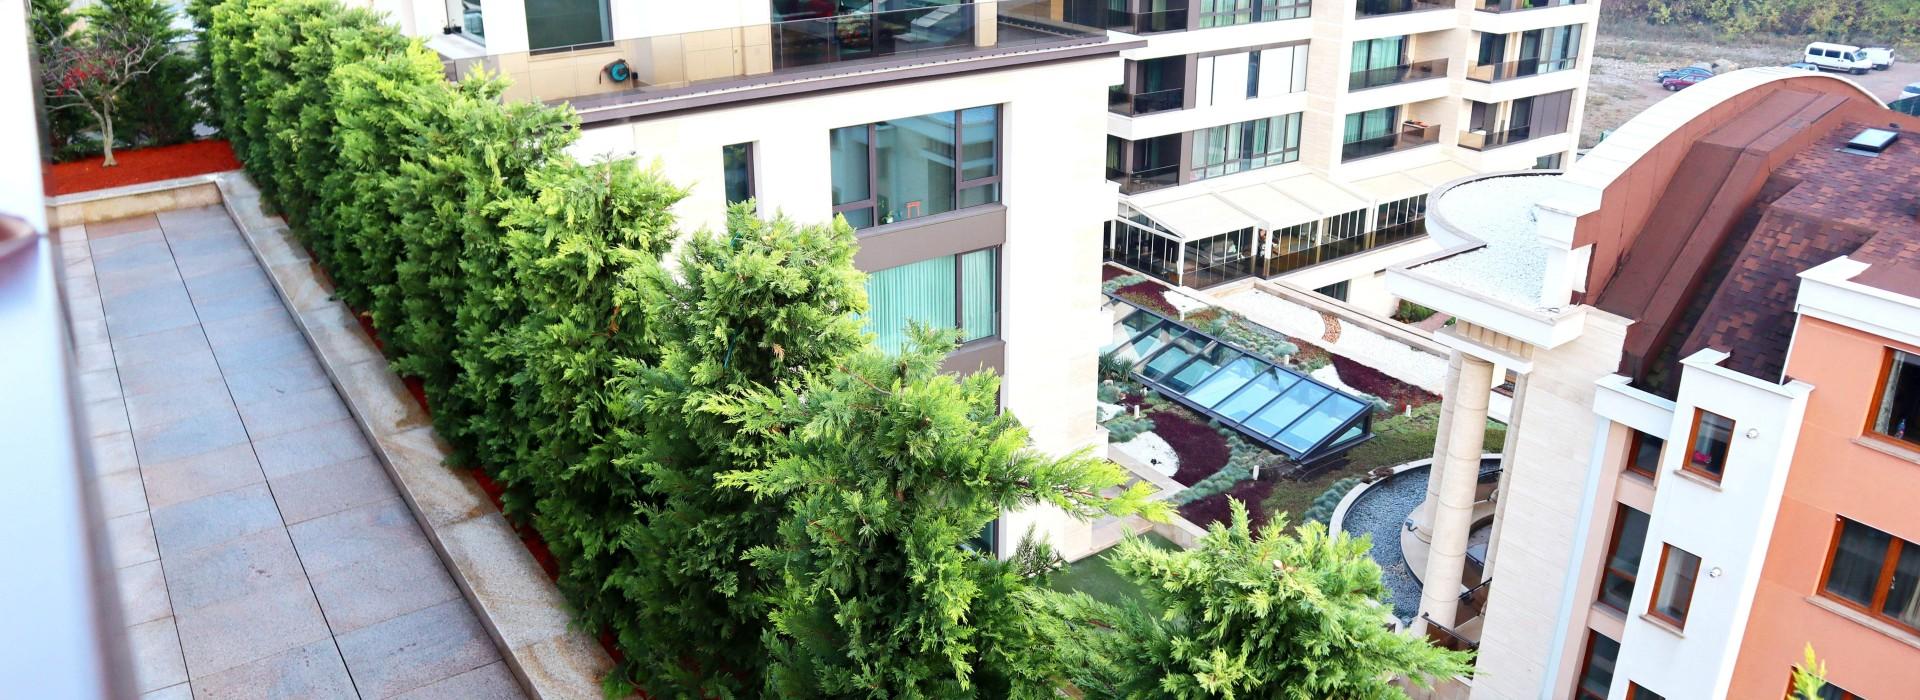 Озеленяване на покривна тераса , кв. Бояна